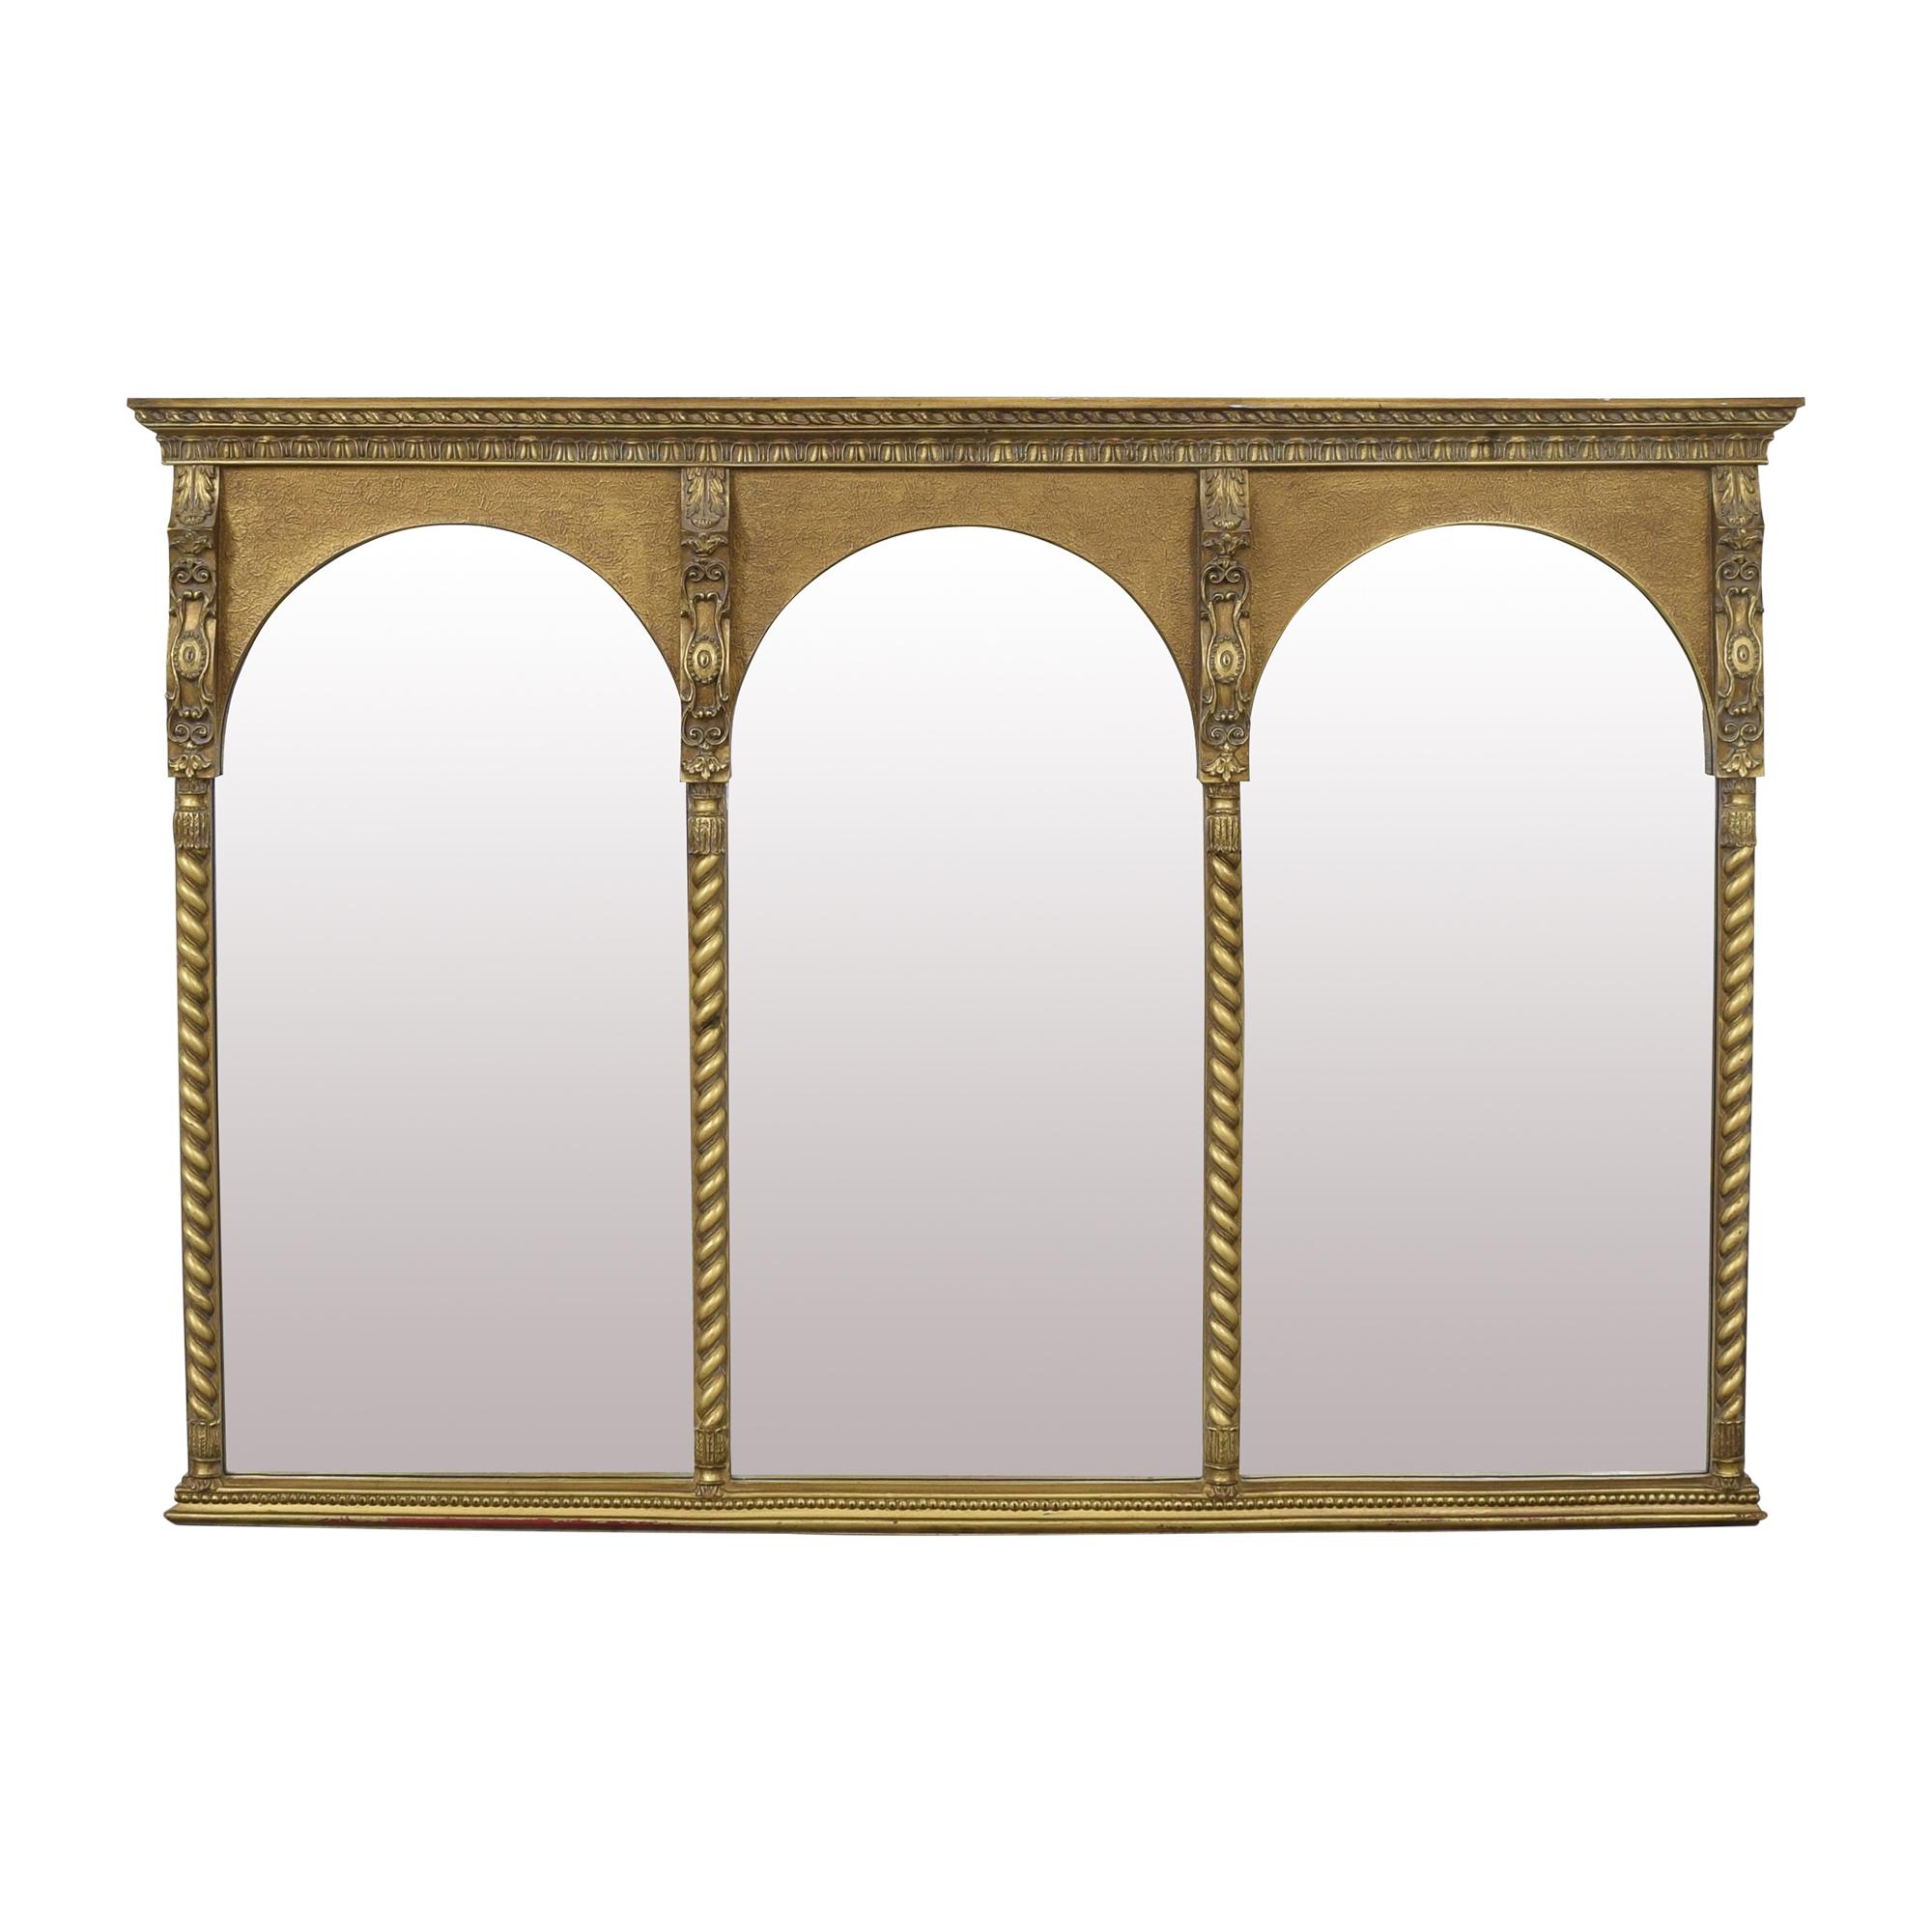 Triple Paned Trumeau Mirror used